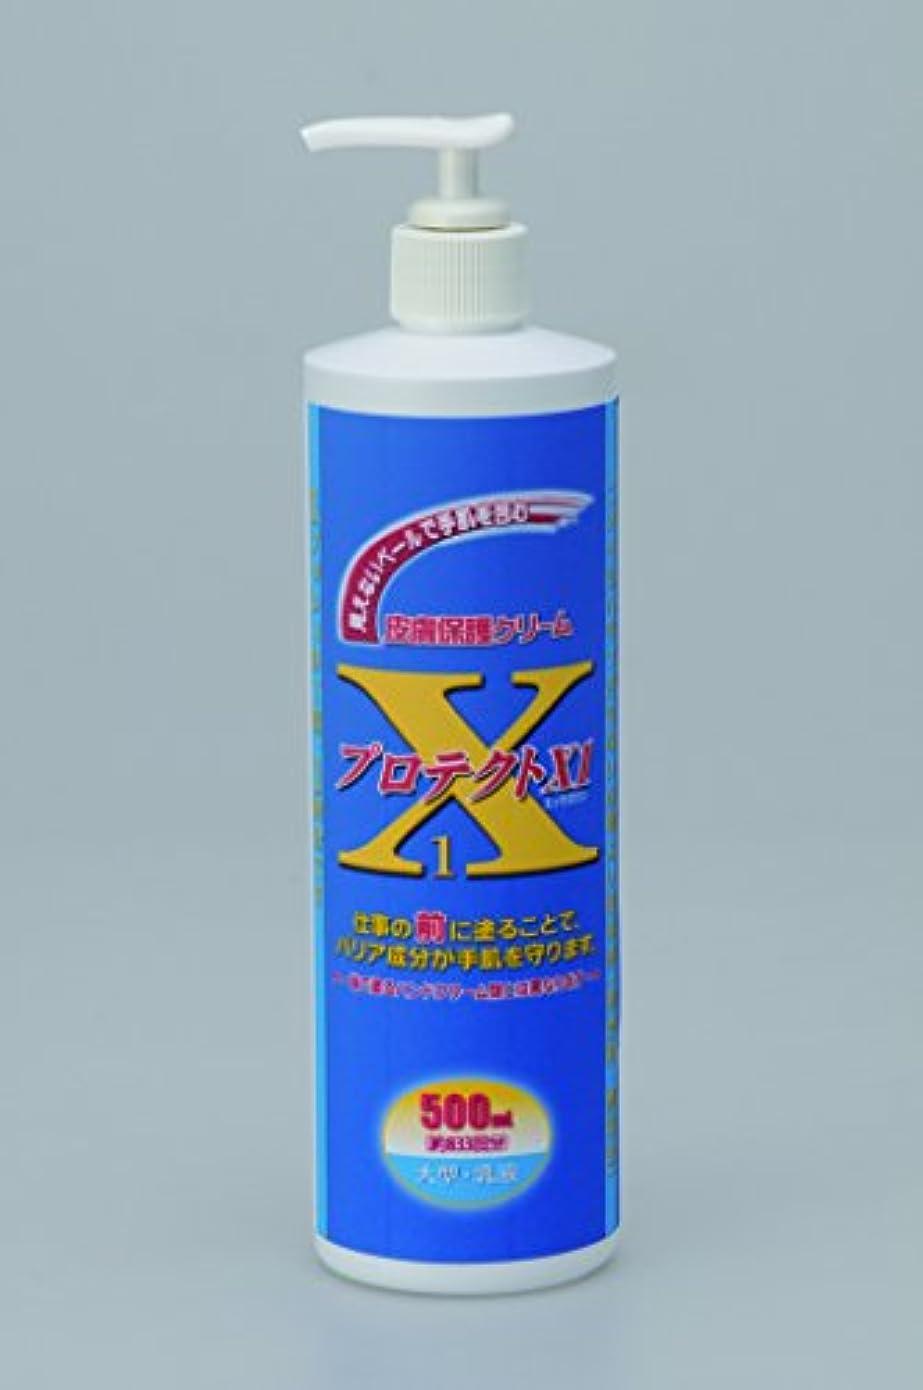 宝受け入れたメンダシティ皮膚保護クリーム プロテクトX1 500ml